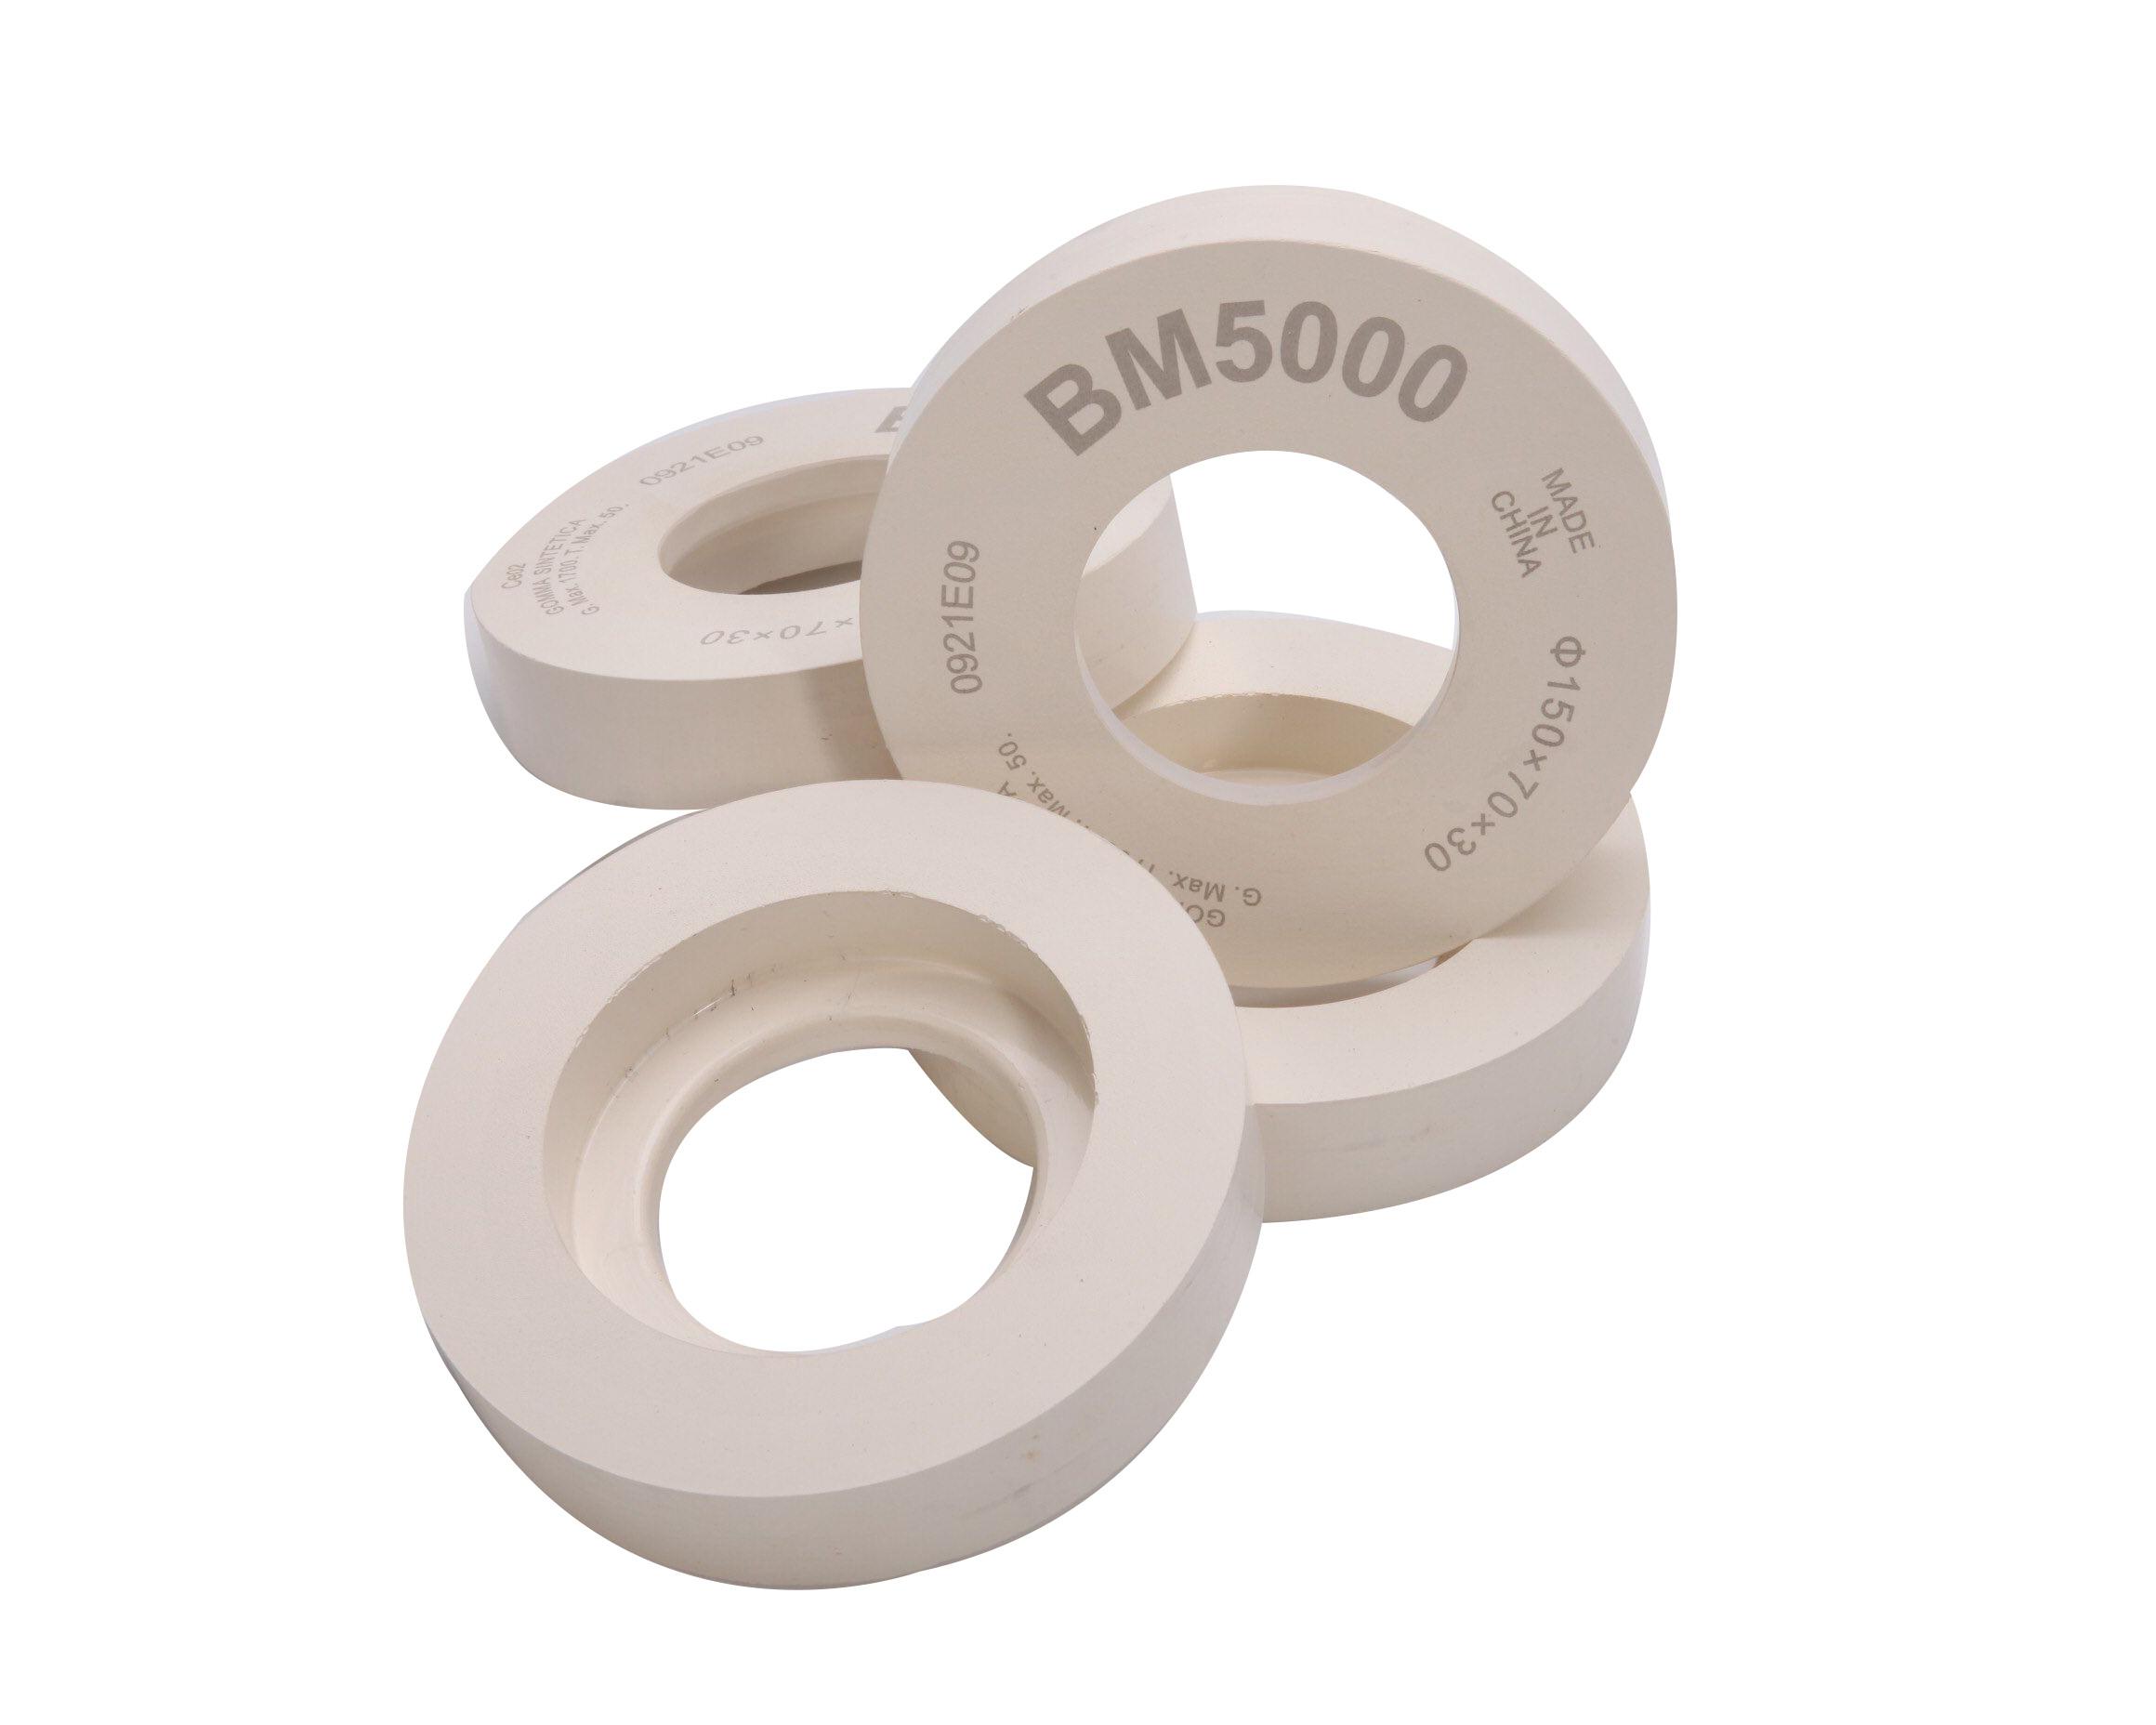 玻璃机械配件国产优质抛光轮BM5000直边机双边机适用广东宝辰机电供应